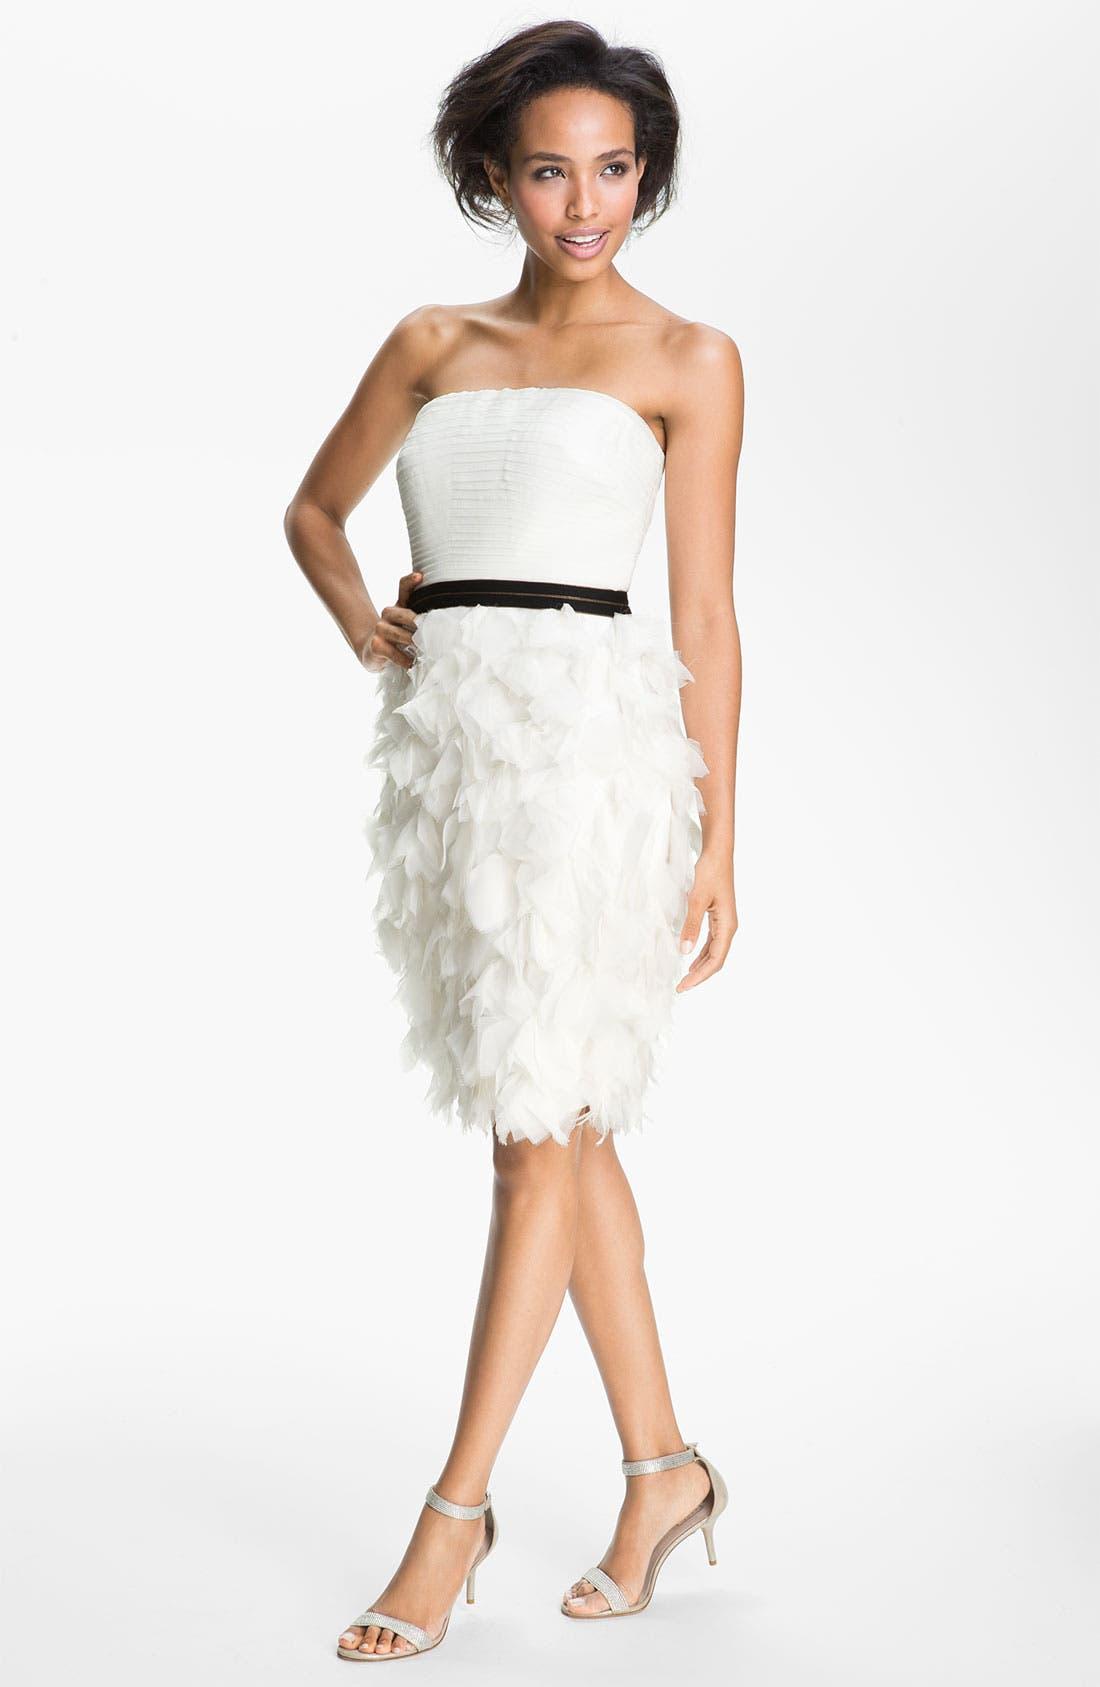 Alternate Image 1 Selected - Tadashi Shoji Strapless Ruffle Skirt Silk Chiffon Dress